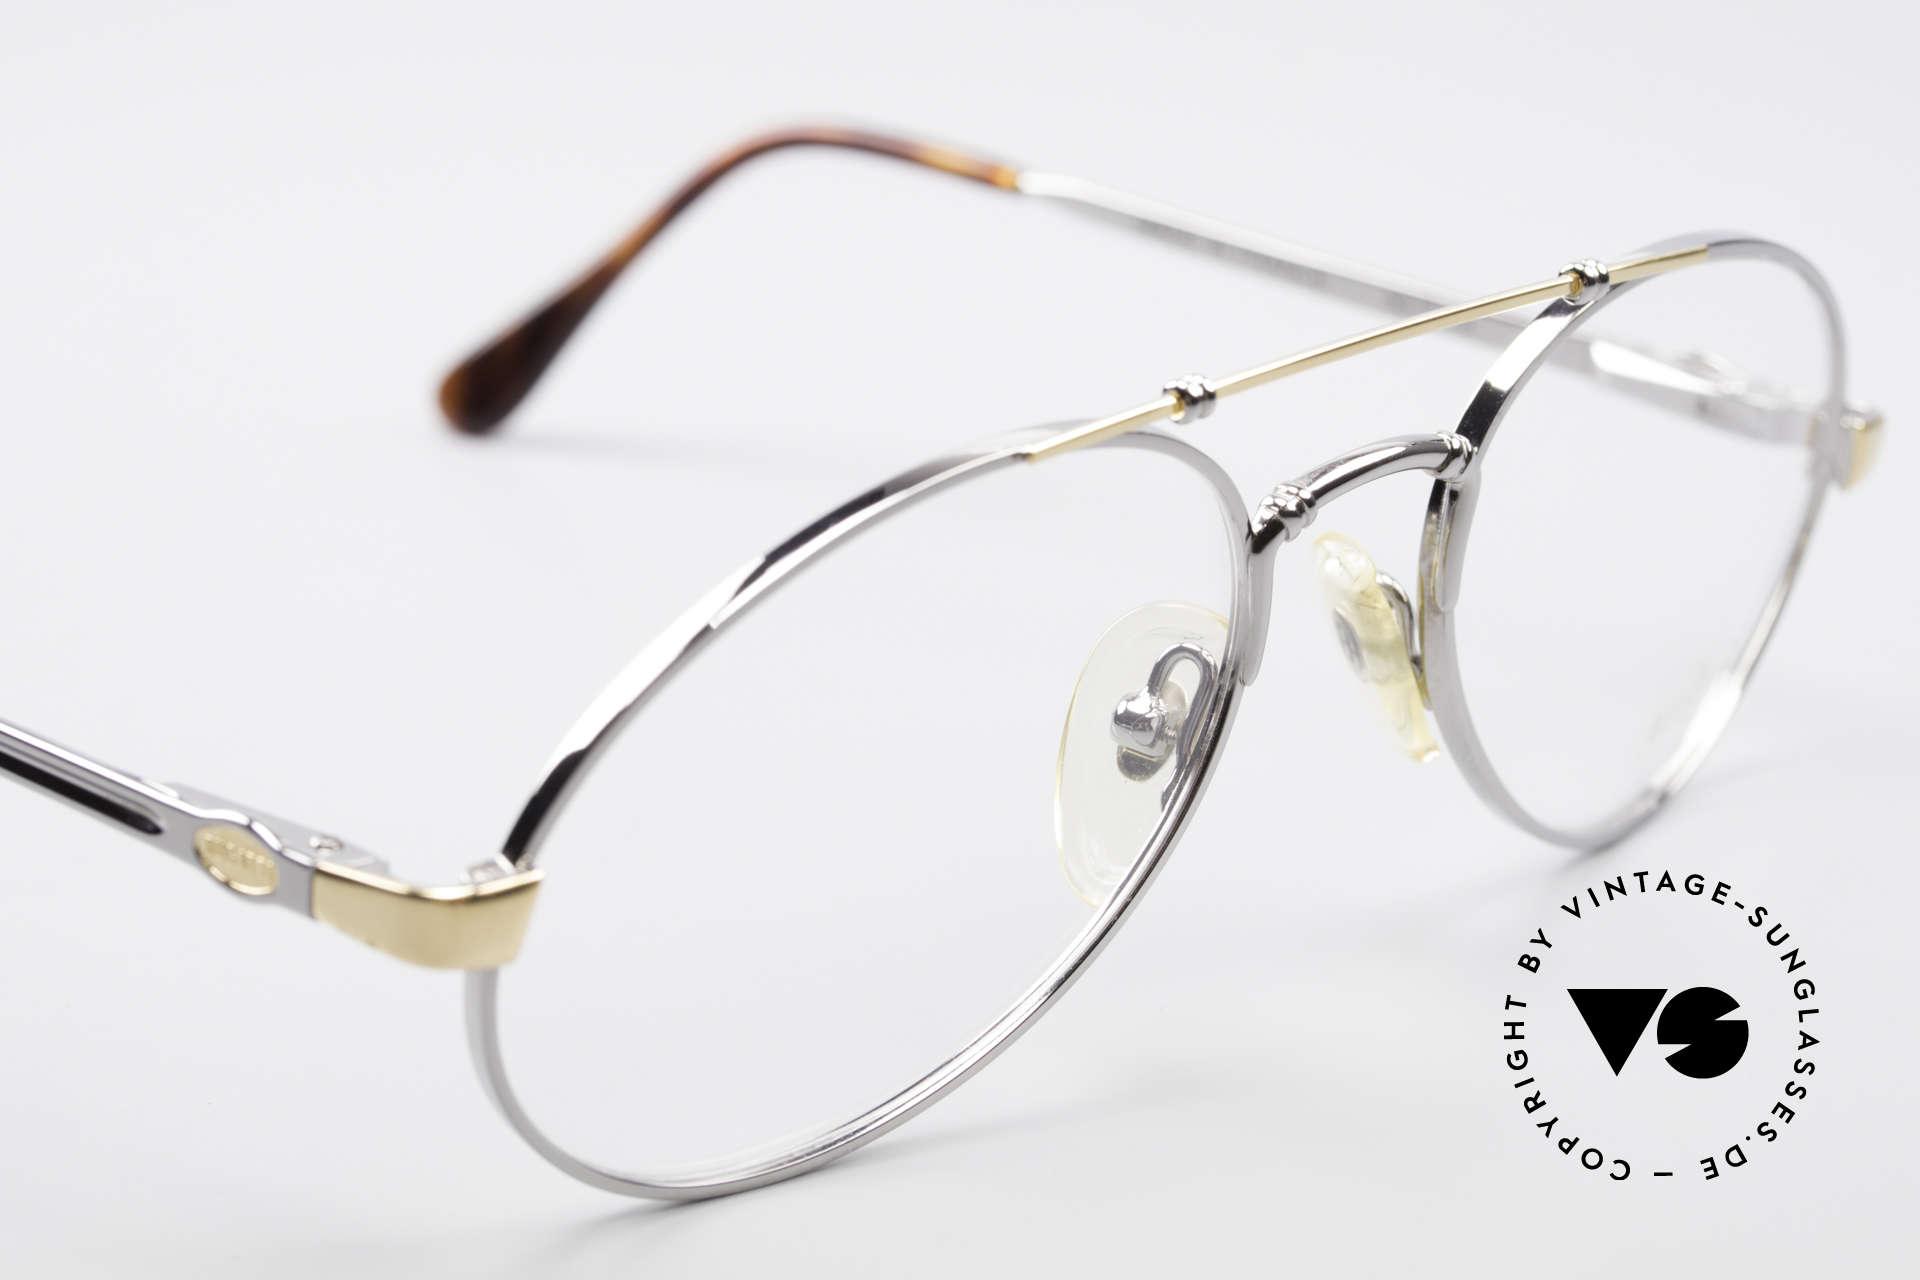 Bugatti 18526 80er Herren Vintage Brille, KEINE Retrobrille, sondern ein kostbares Original, Passend für Herren